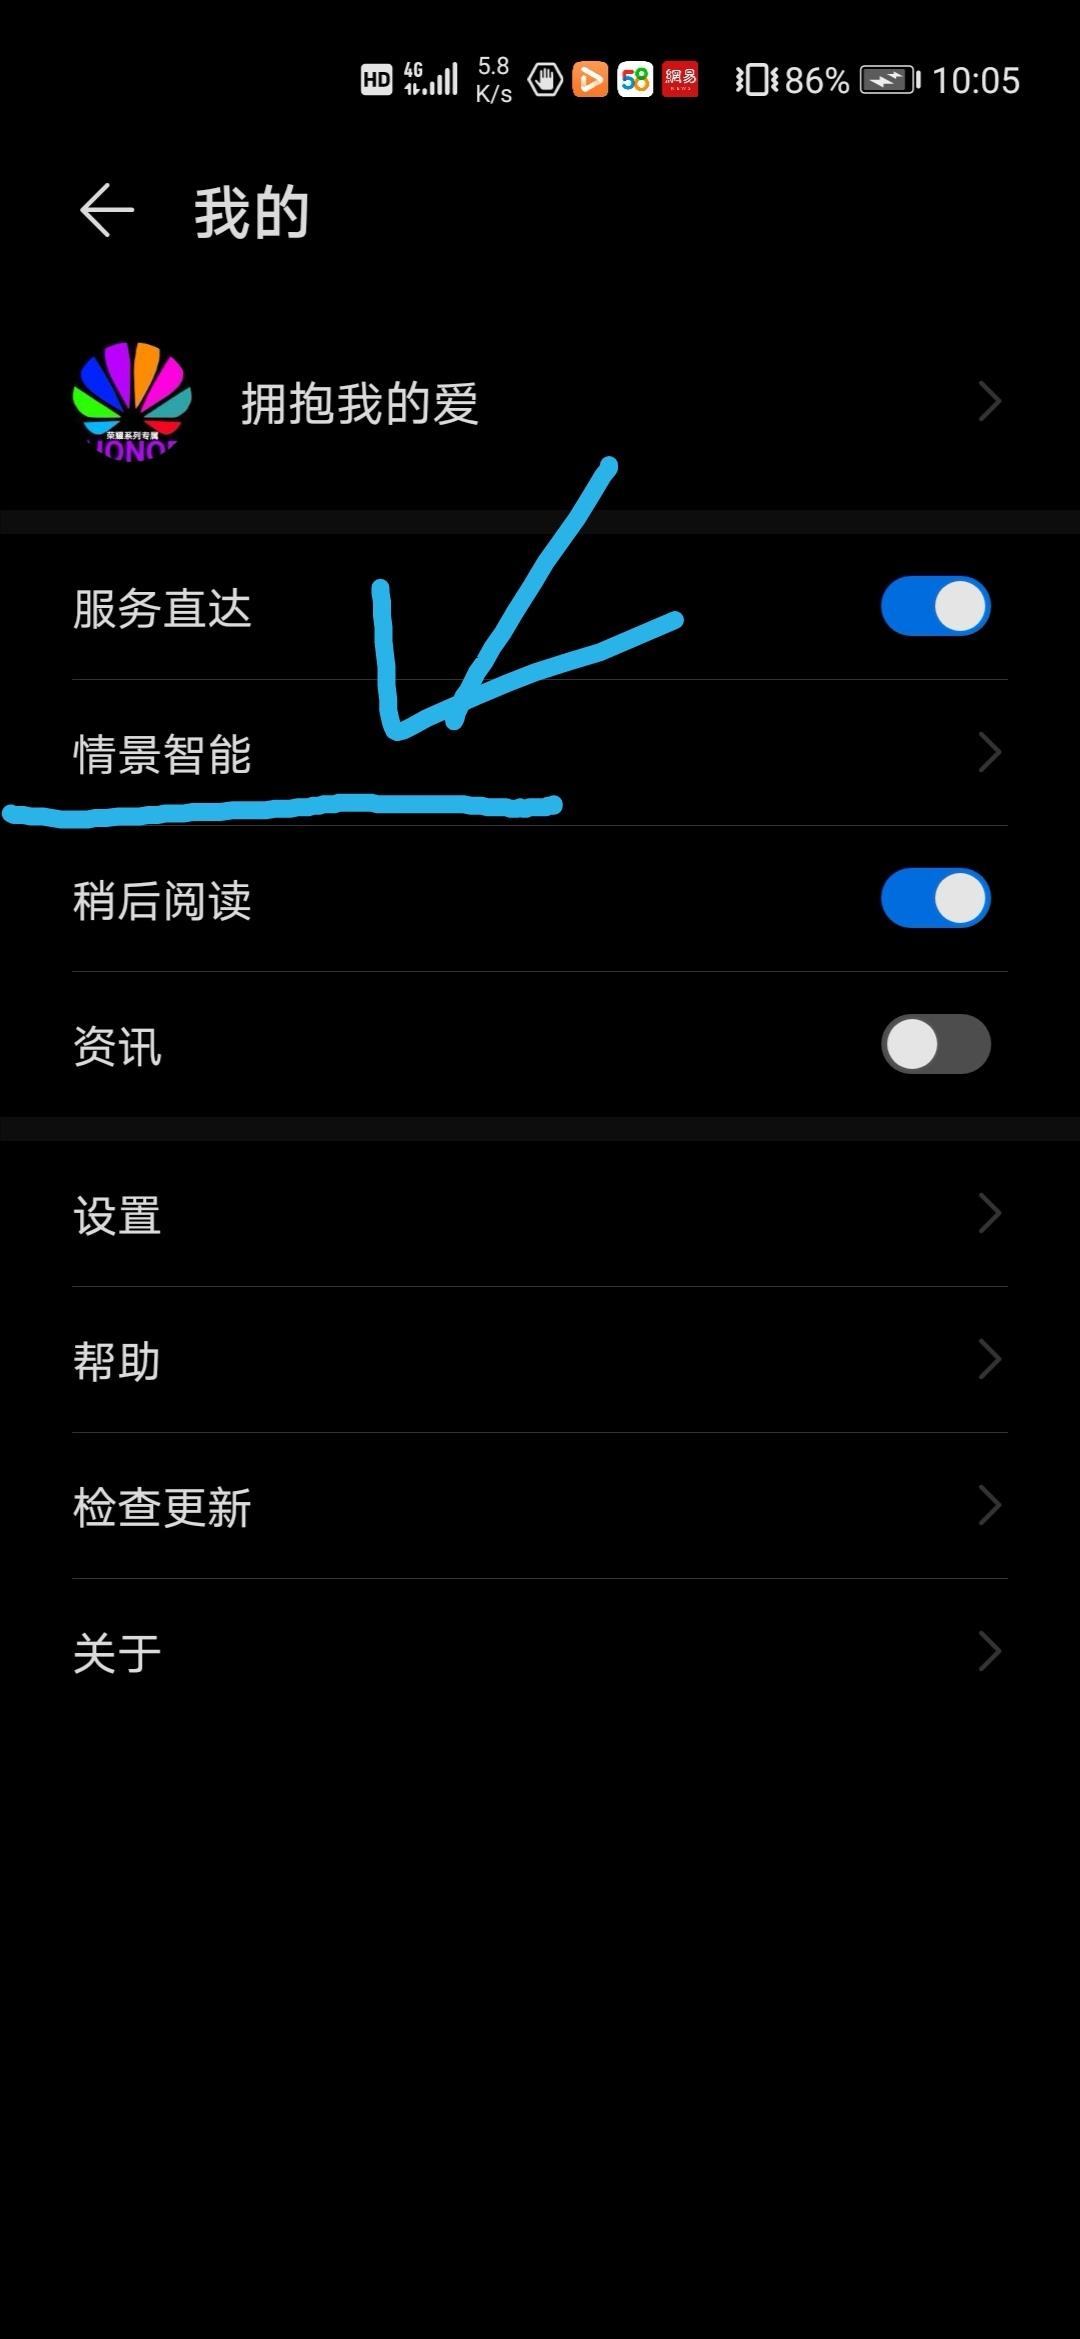 Screenshot_20200513_100756.jpg